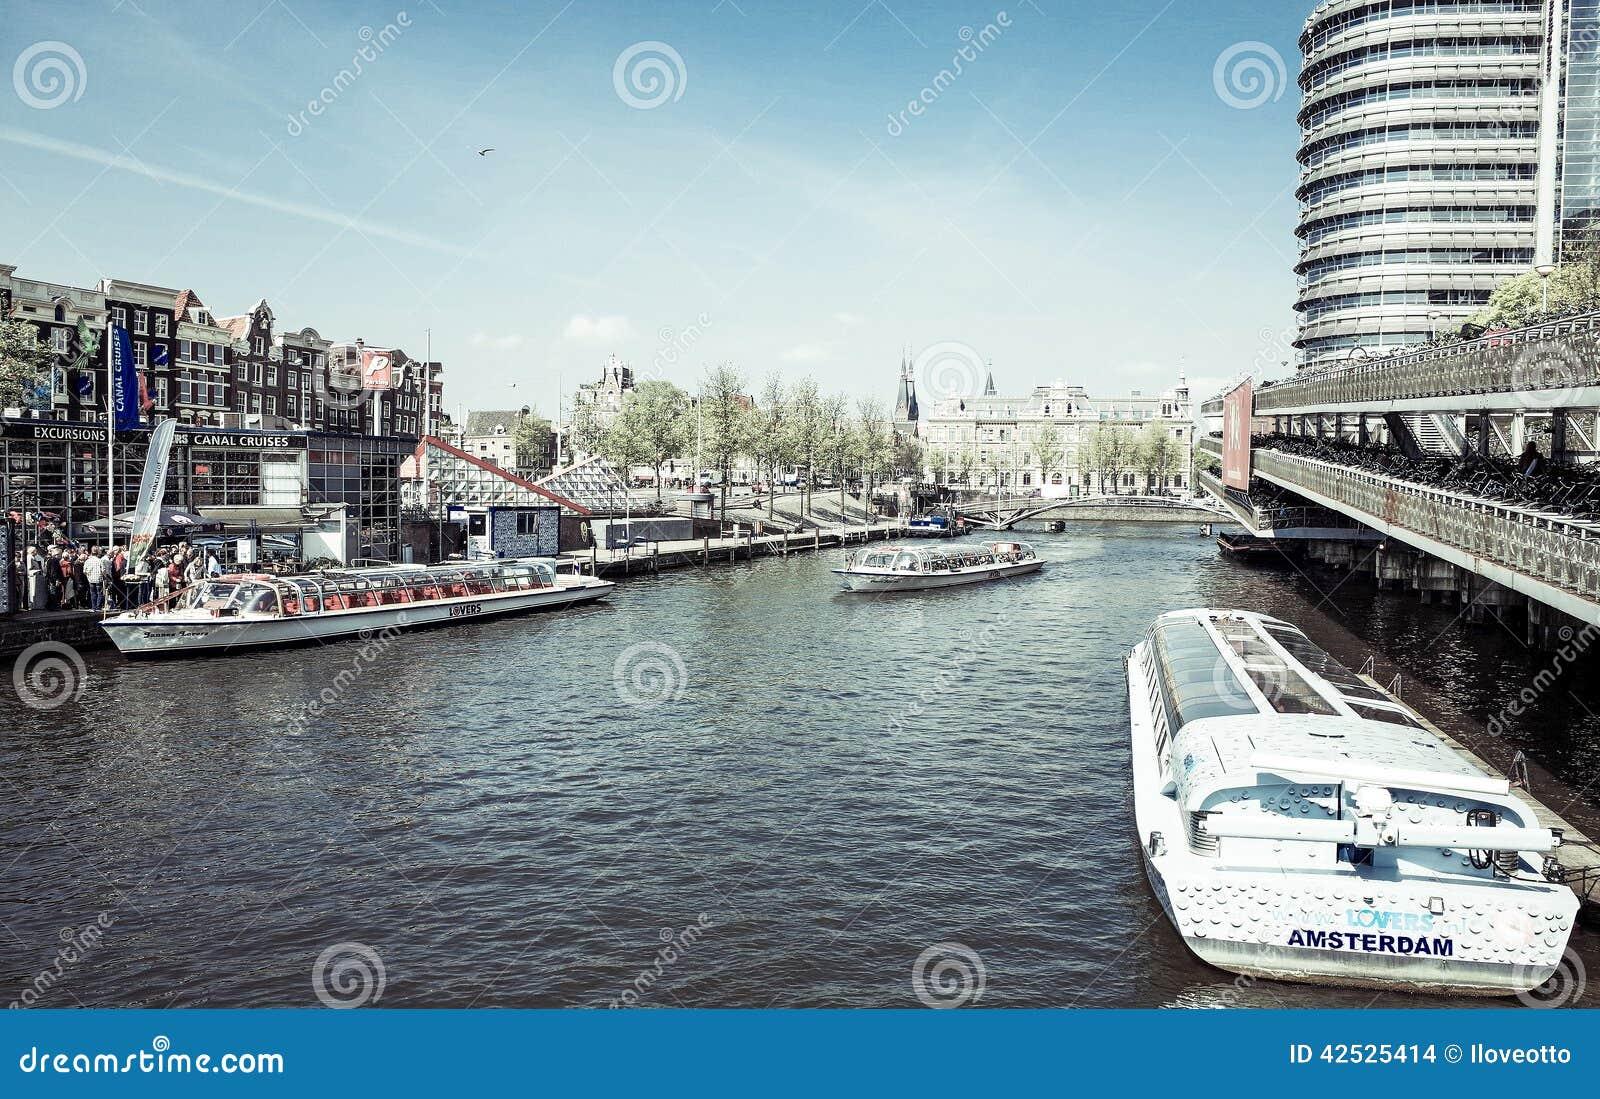 Amsterdam kanały z bridżowymi i typowymi holenderskimi domami